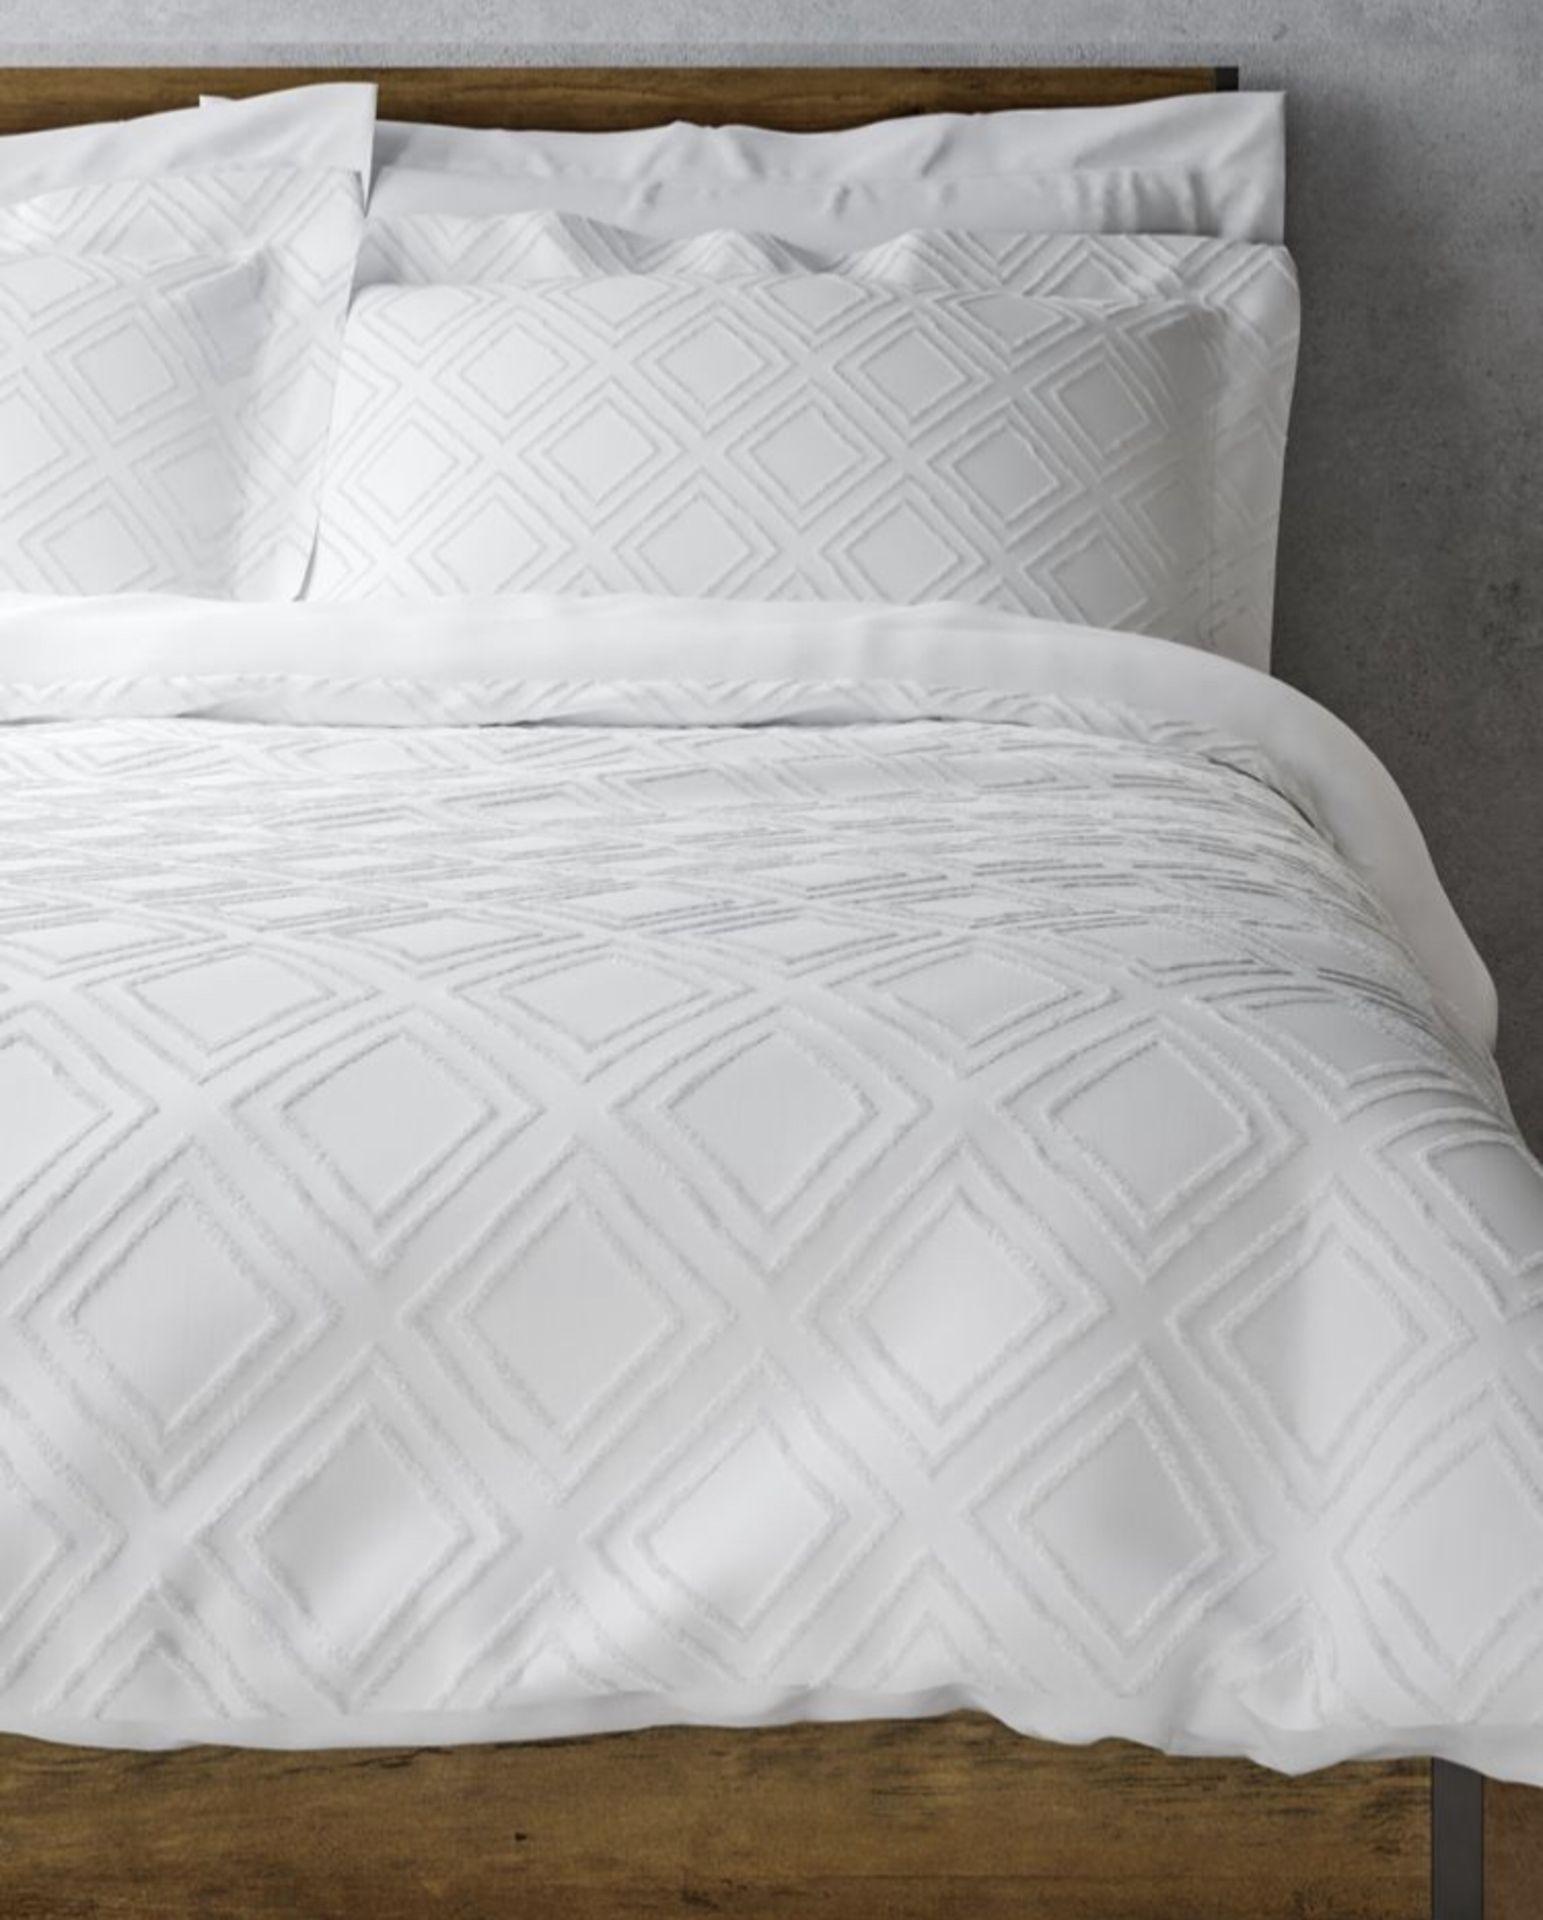 Lot 59 - Pure Cotton Cut Square Bedding Set, Double